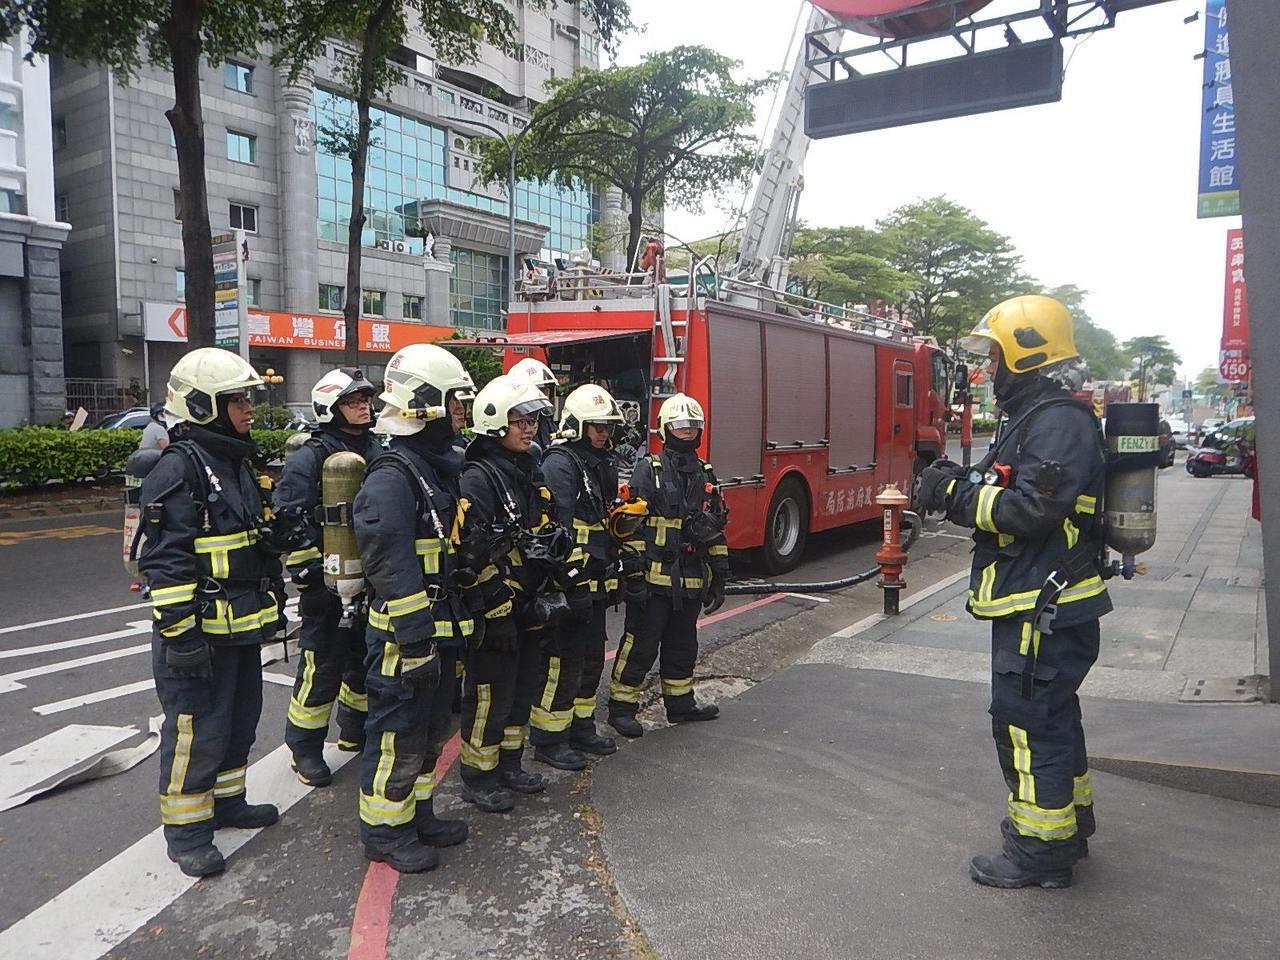 嘉義市消防局的消防員,每人配發兩套消防衣。圖/嘉義市消防局提供